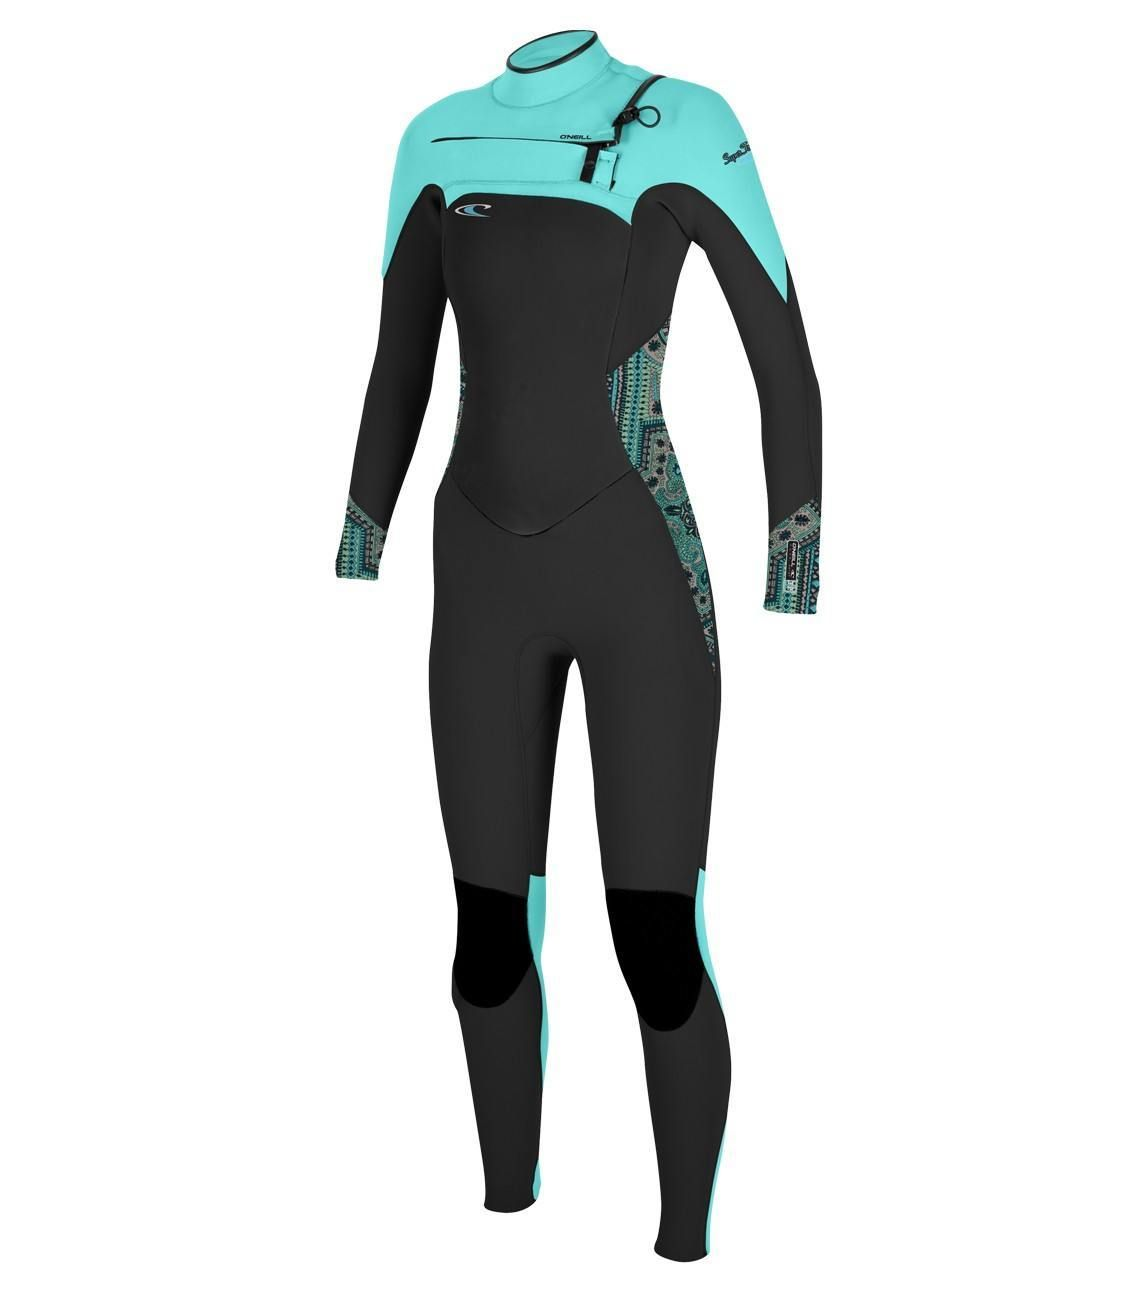 O Neill Clothing Womens Superfreak F U Z E 4 3 Full Wetsuit Womens Wetsuit Wetsuit Wetsuits